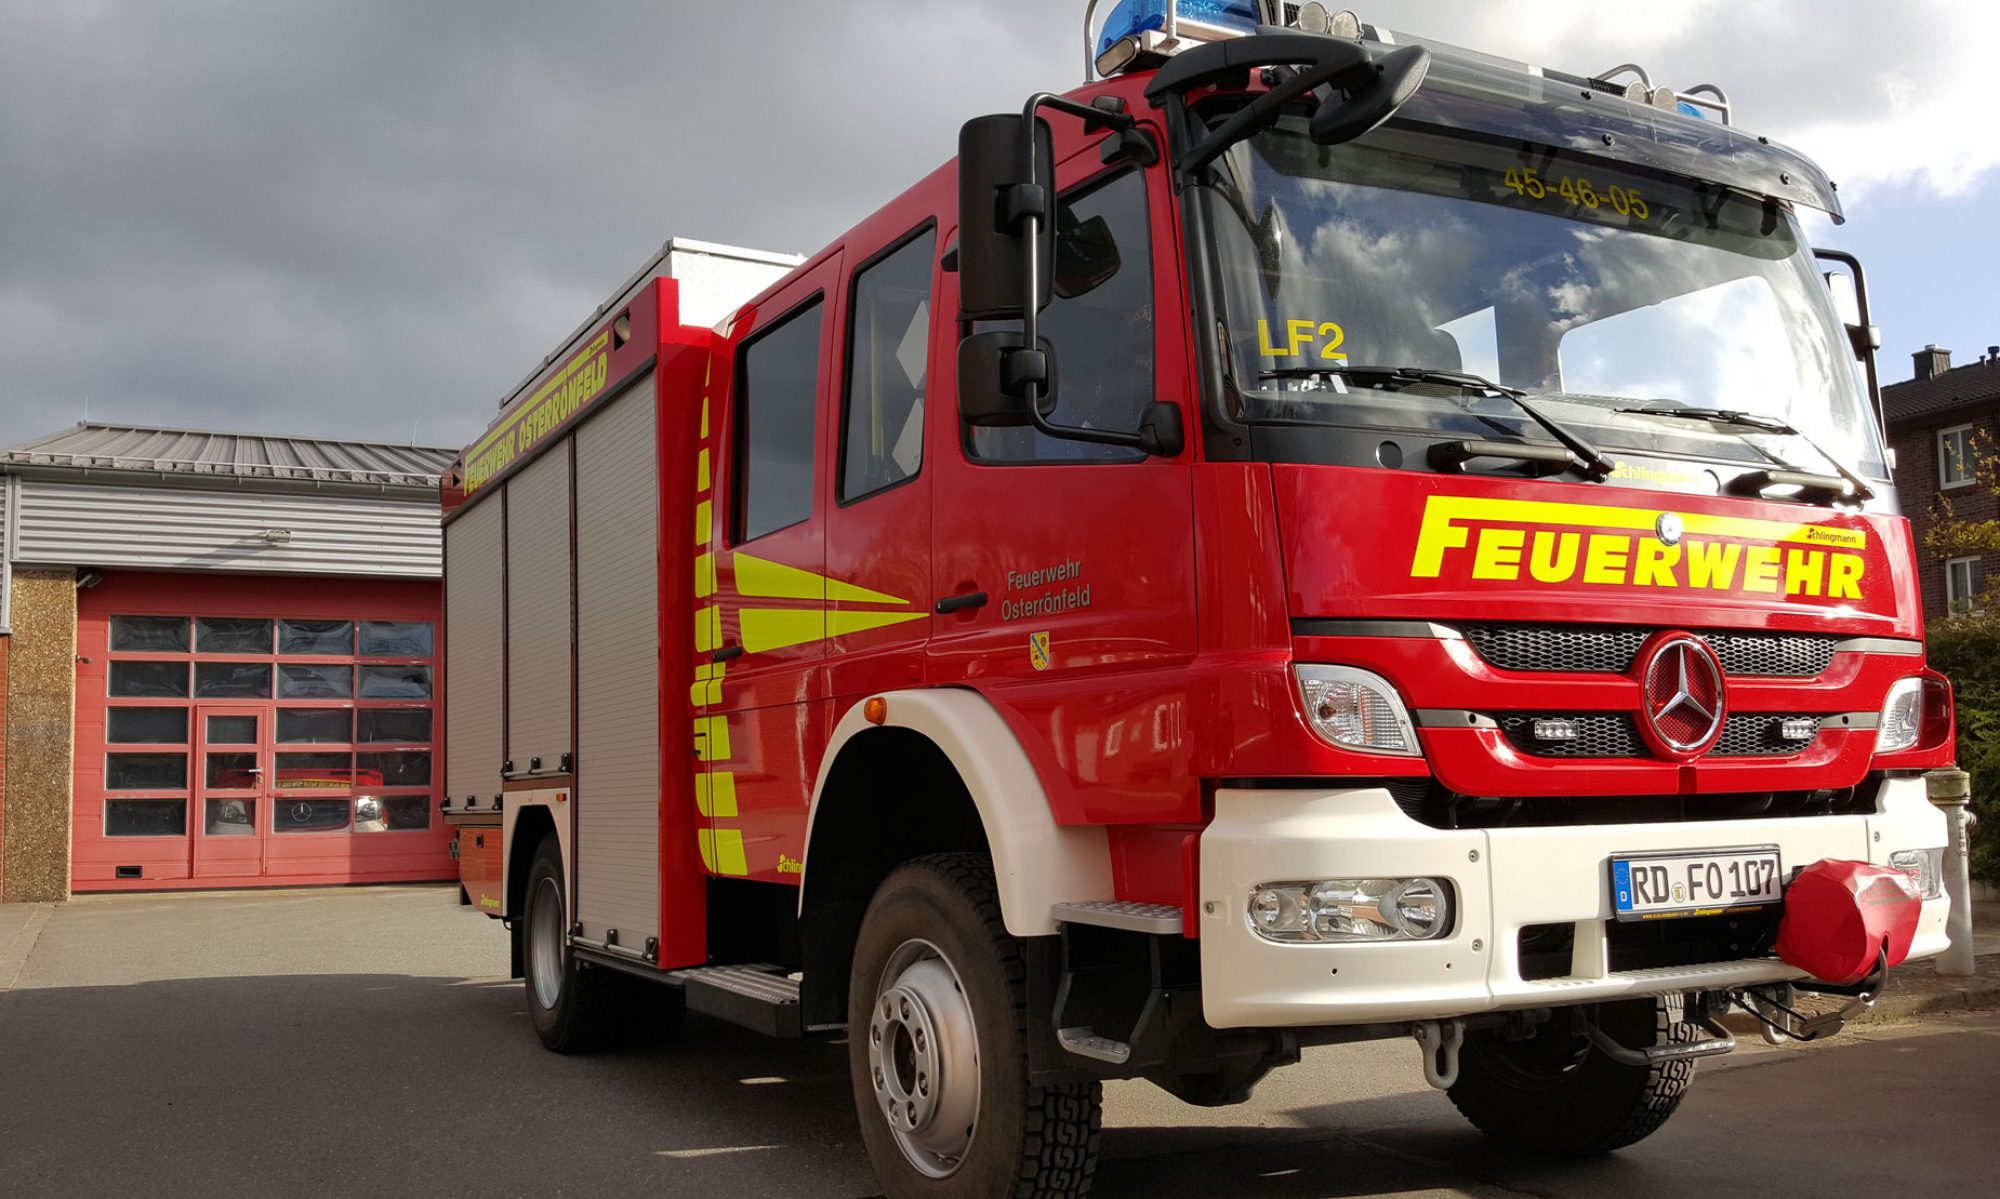 Feuerwehr Osterrönfeld